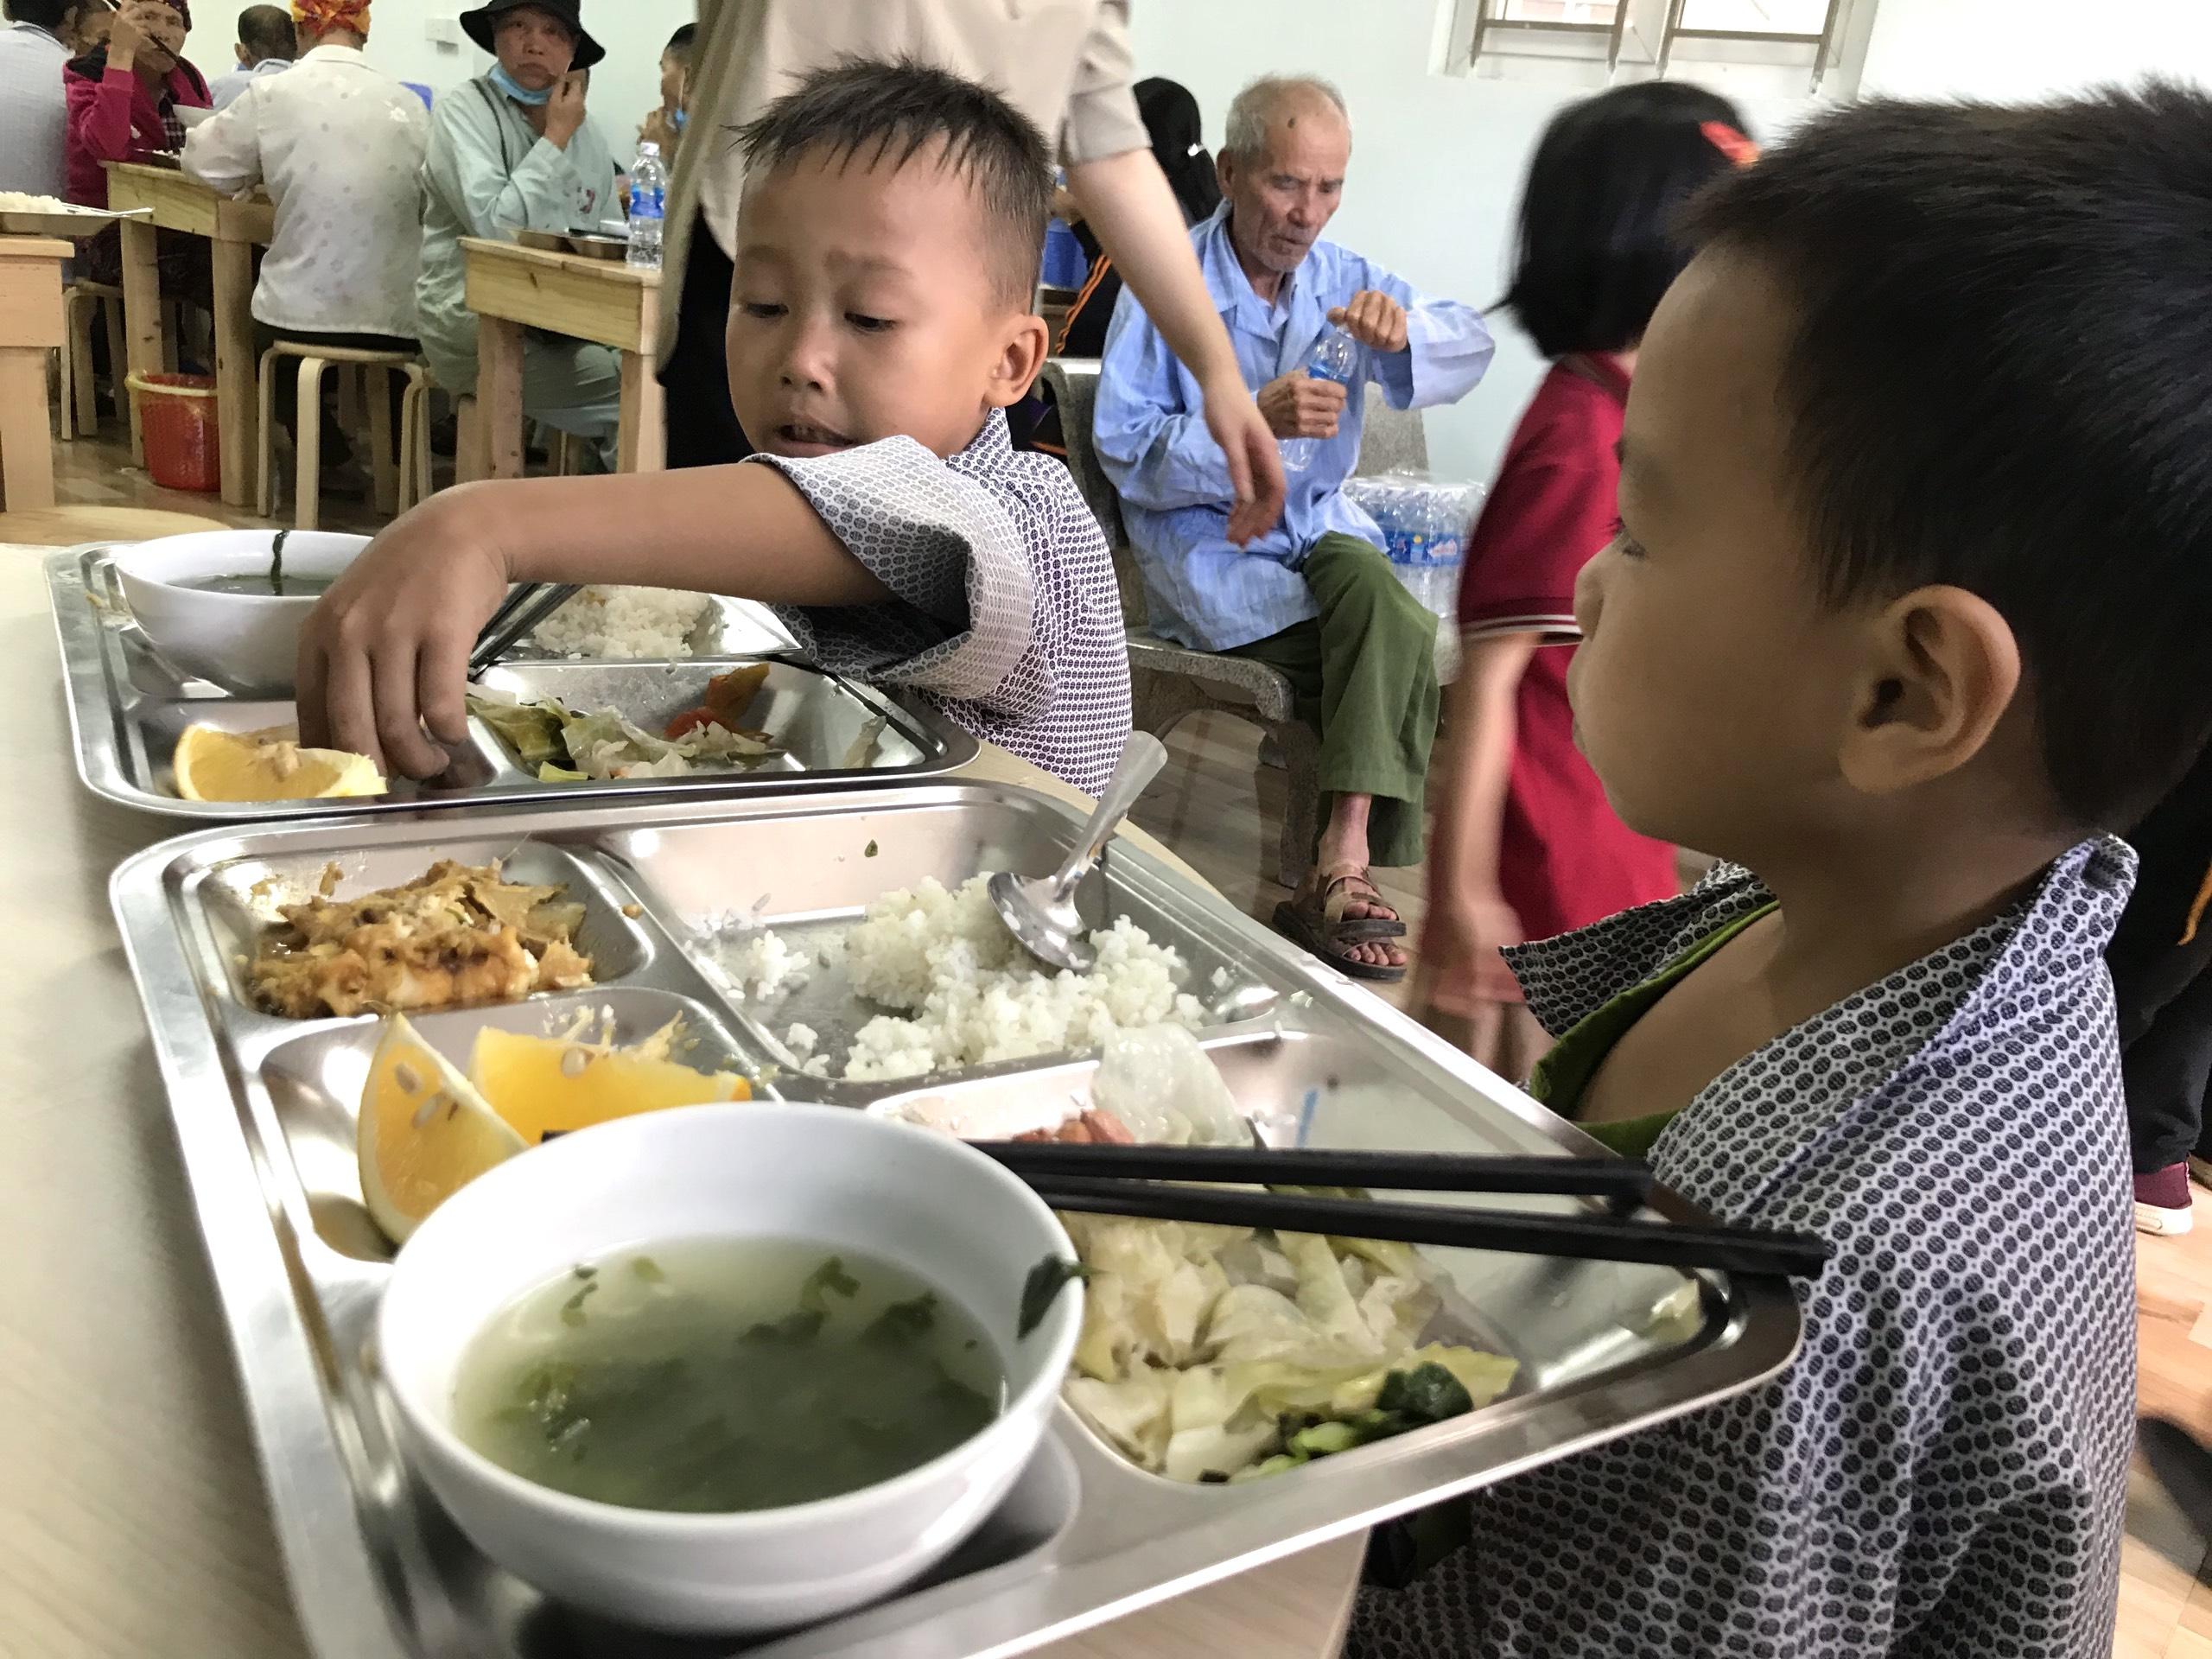 Quán cơm 2000 đồng đầu tiên ở Nghệ An: Ai không có tiền vẫn mời họ vào ăn - Ảnh 13.